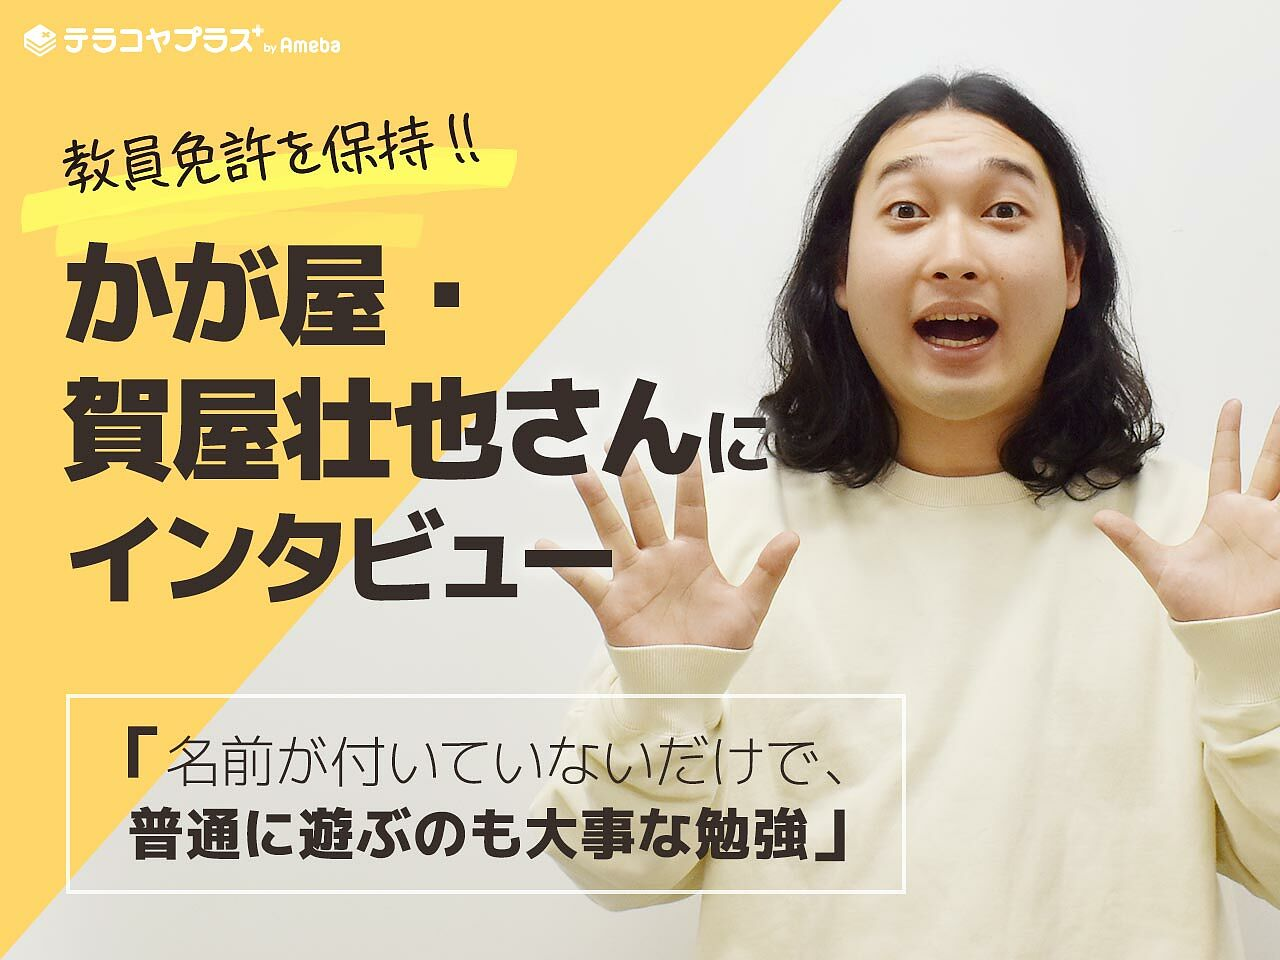 教員免許を保持!かが屋・賀屋壮也さんが伝えたい「名前が付いていないだけで、普通に遊ぶのも大事な勉強」の画像